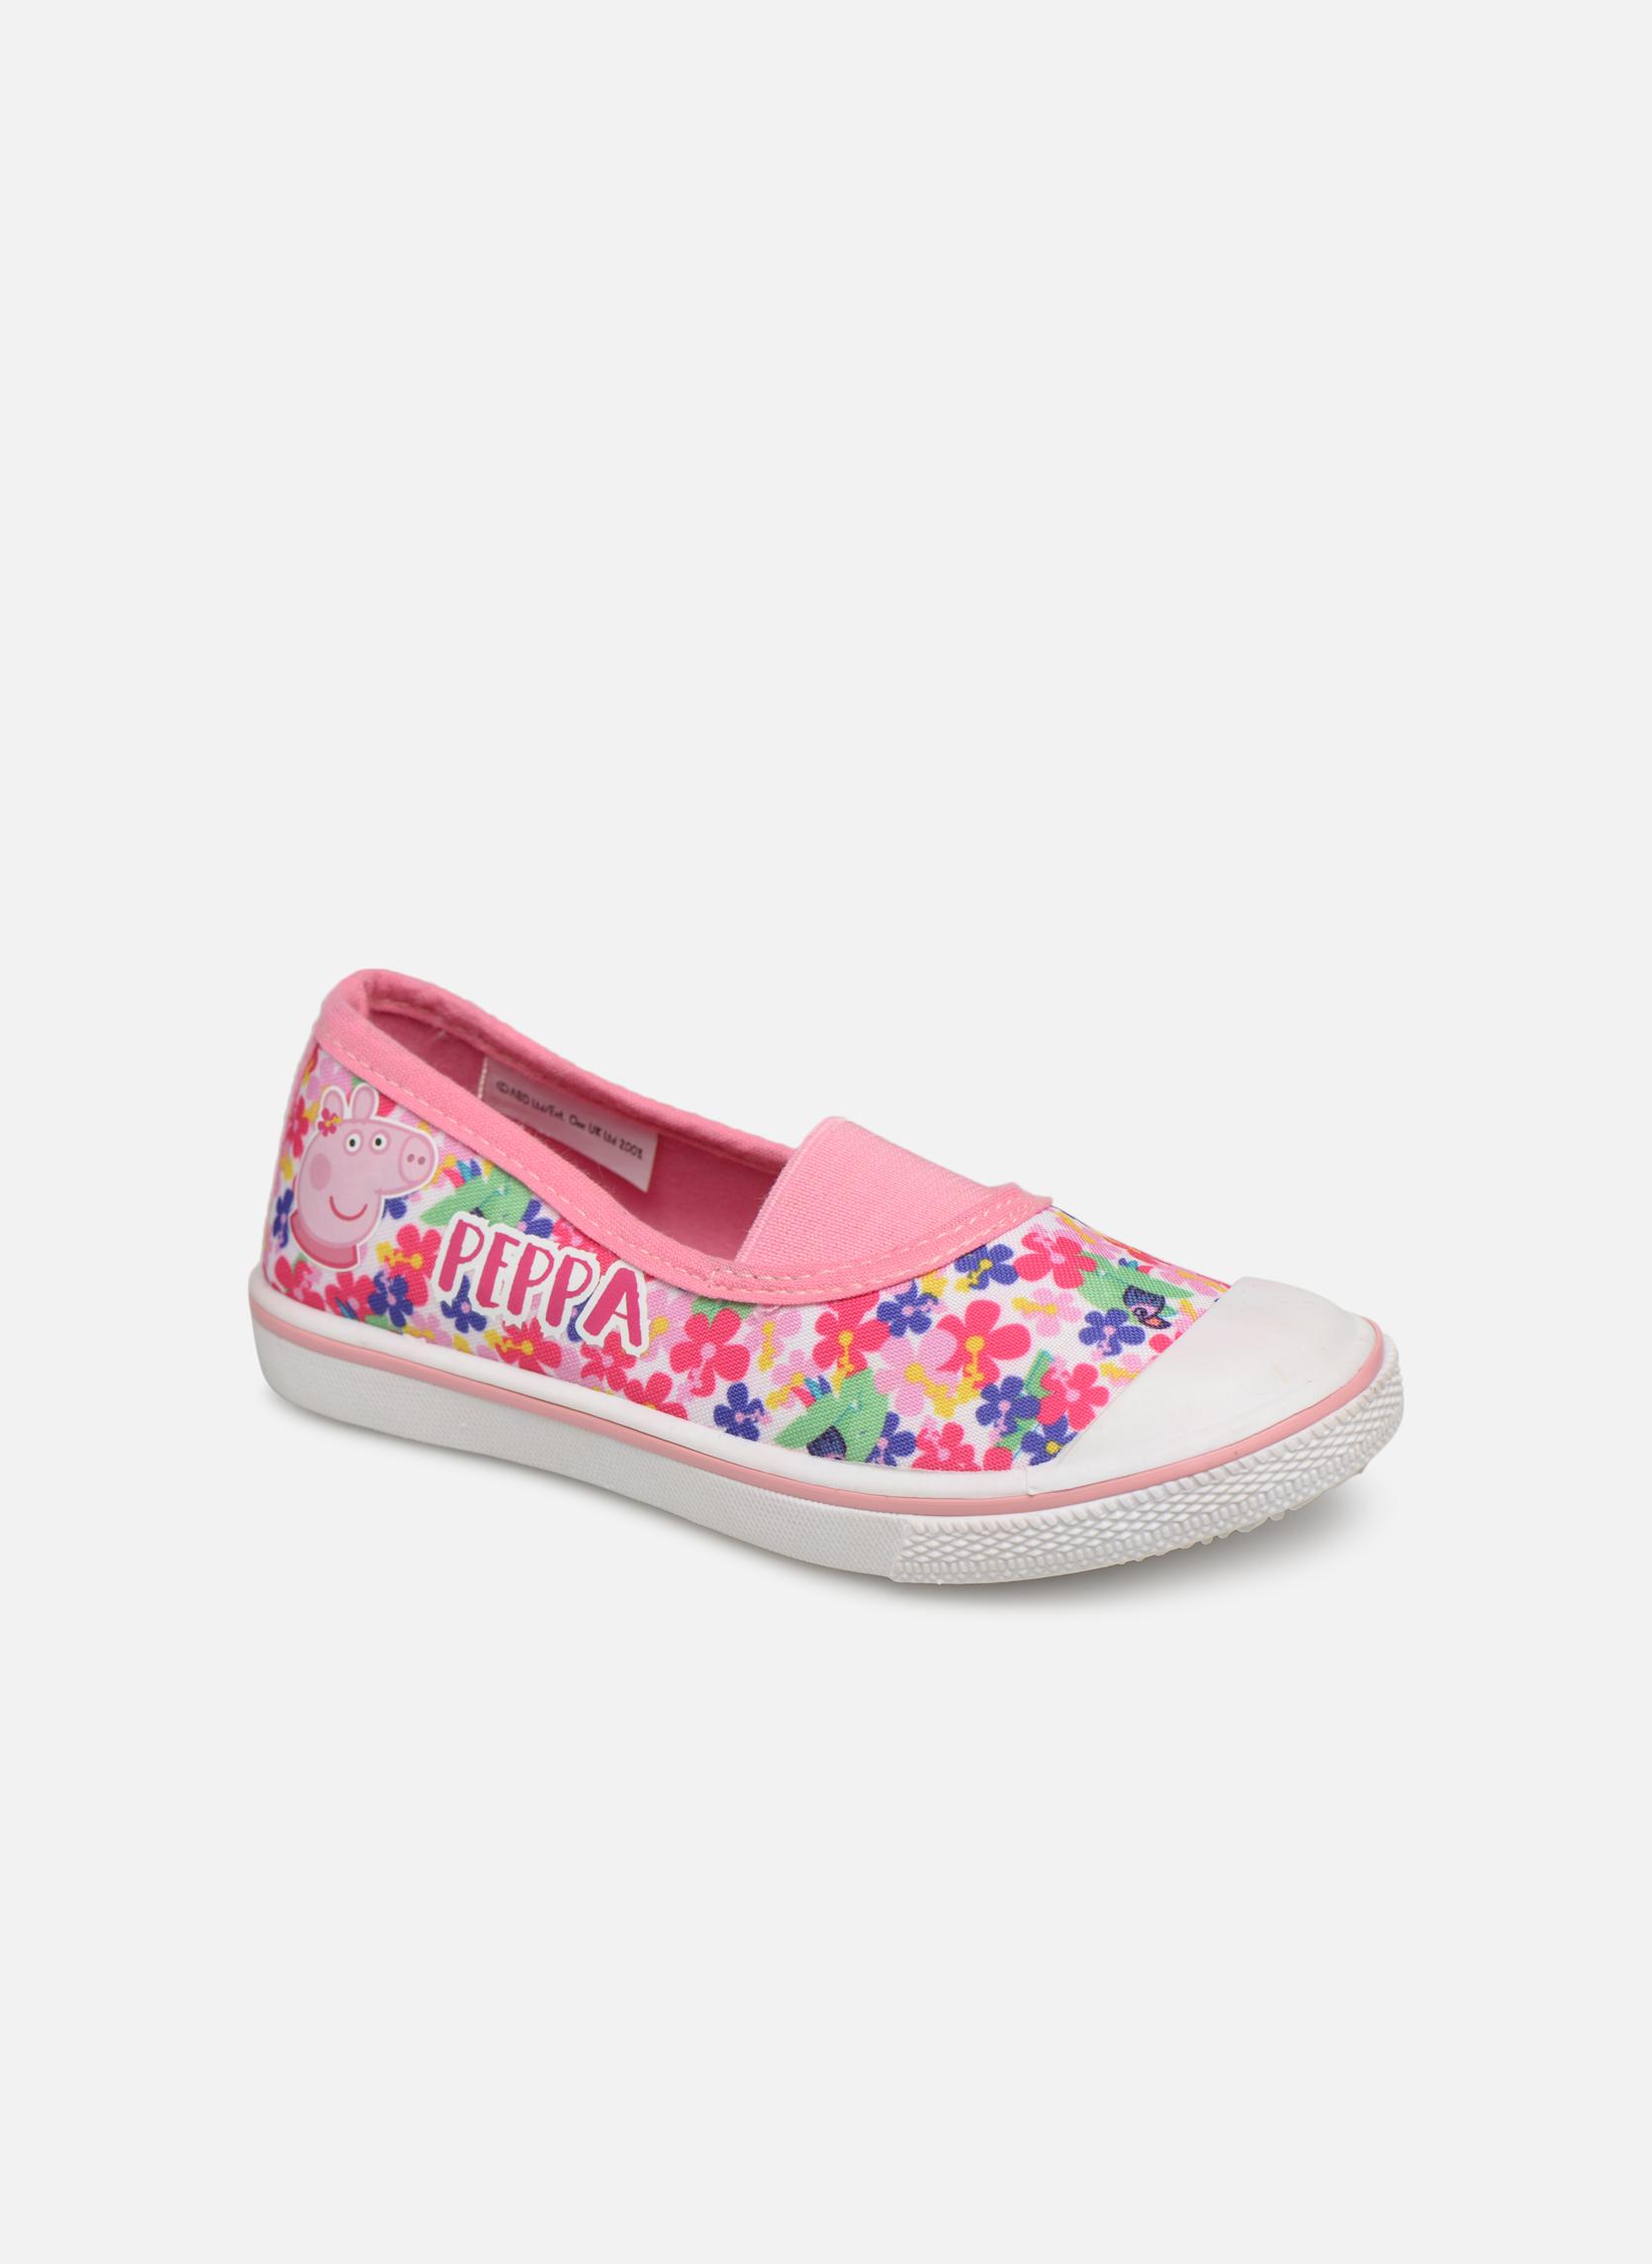 Sneakers Peppa Pig Roze